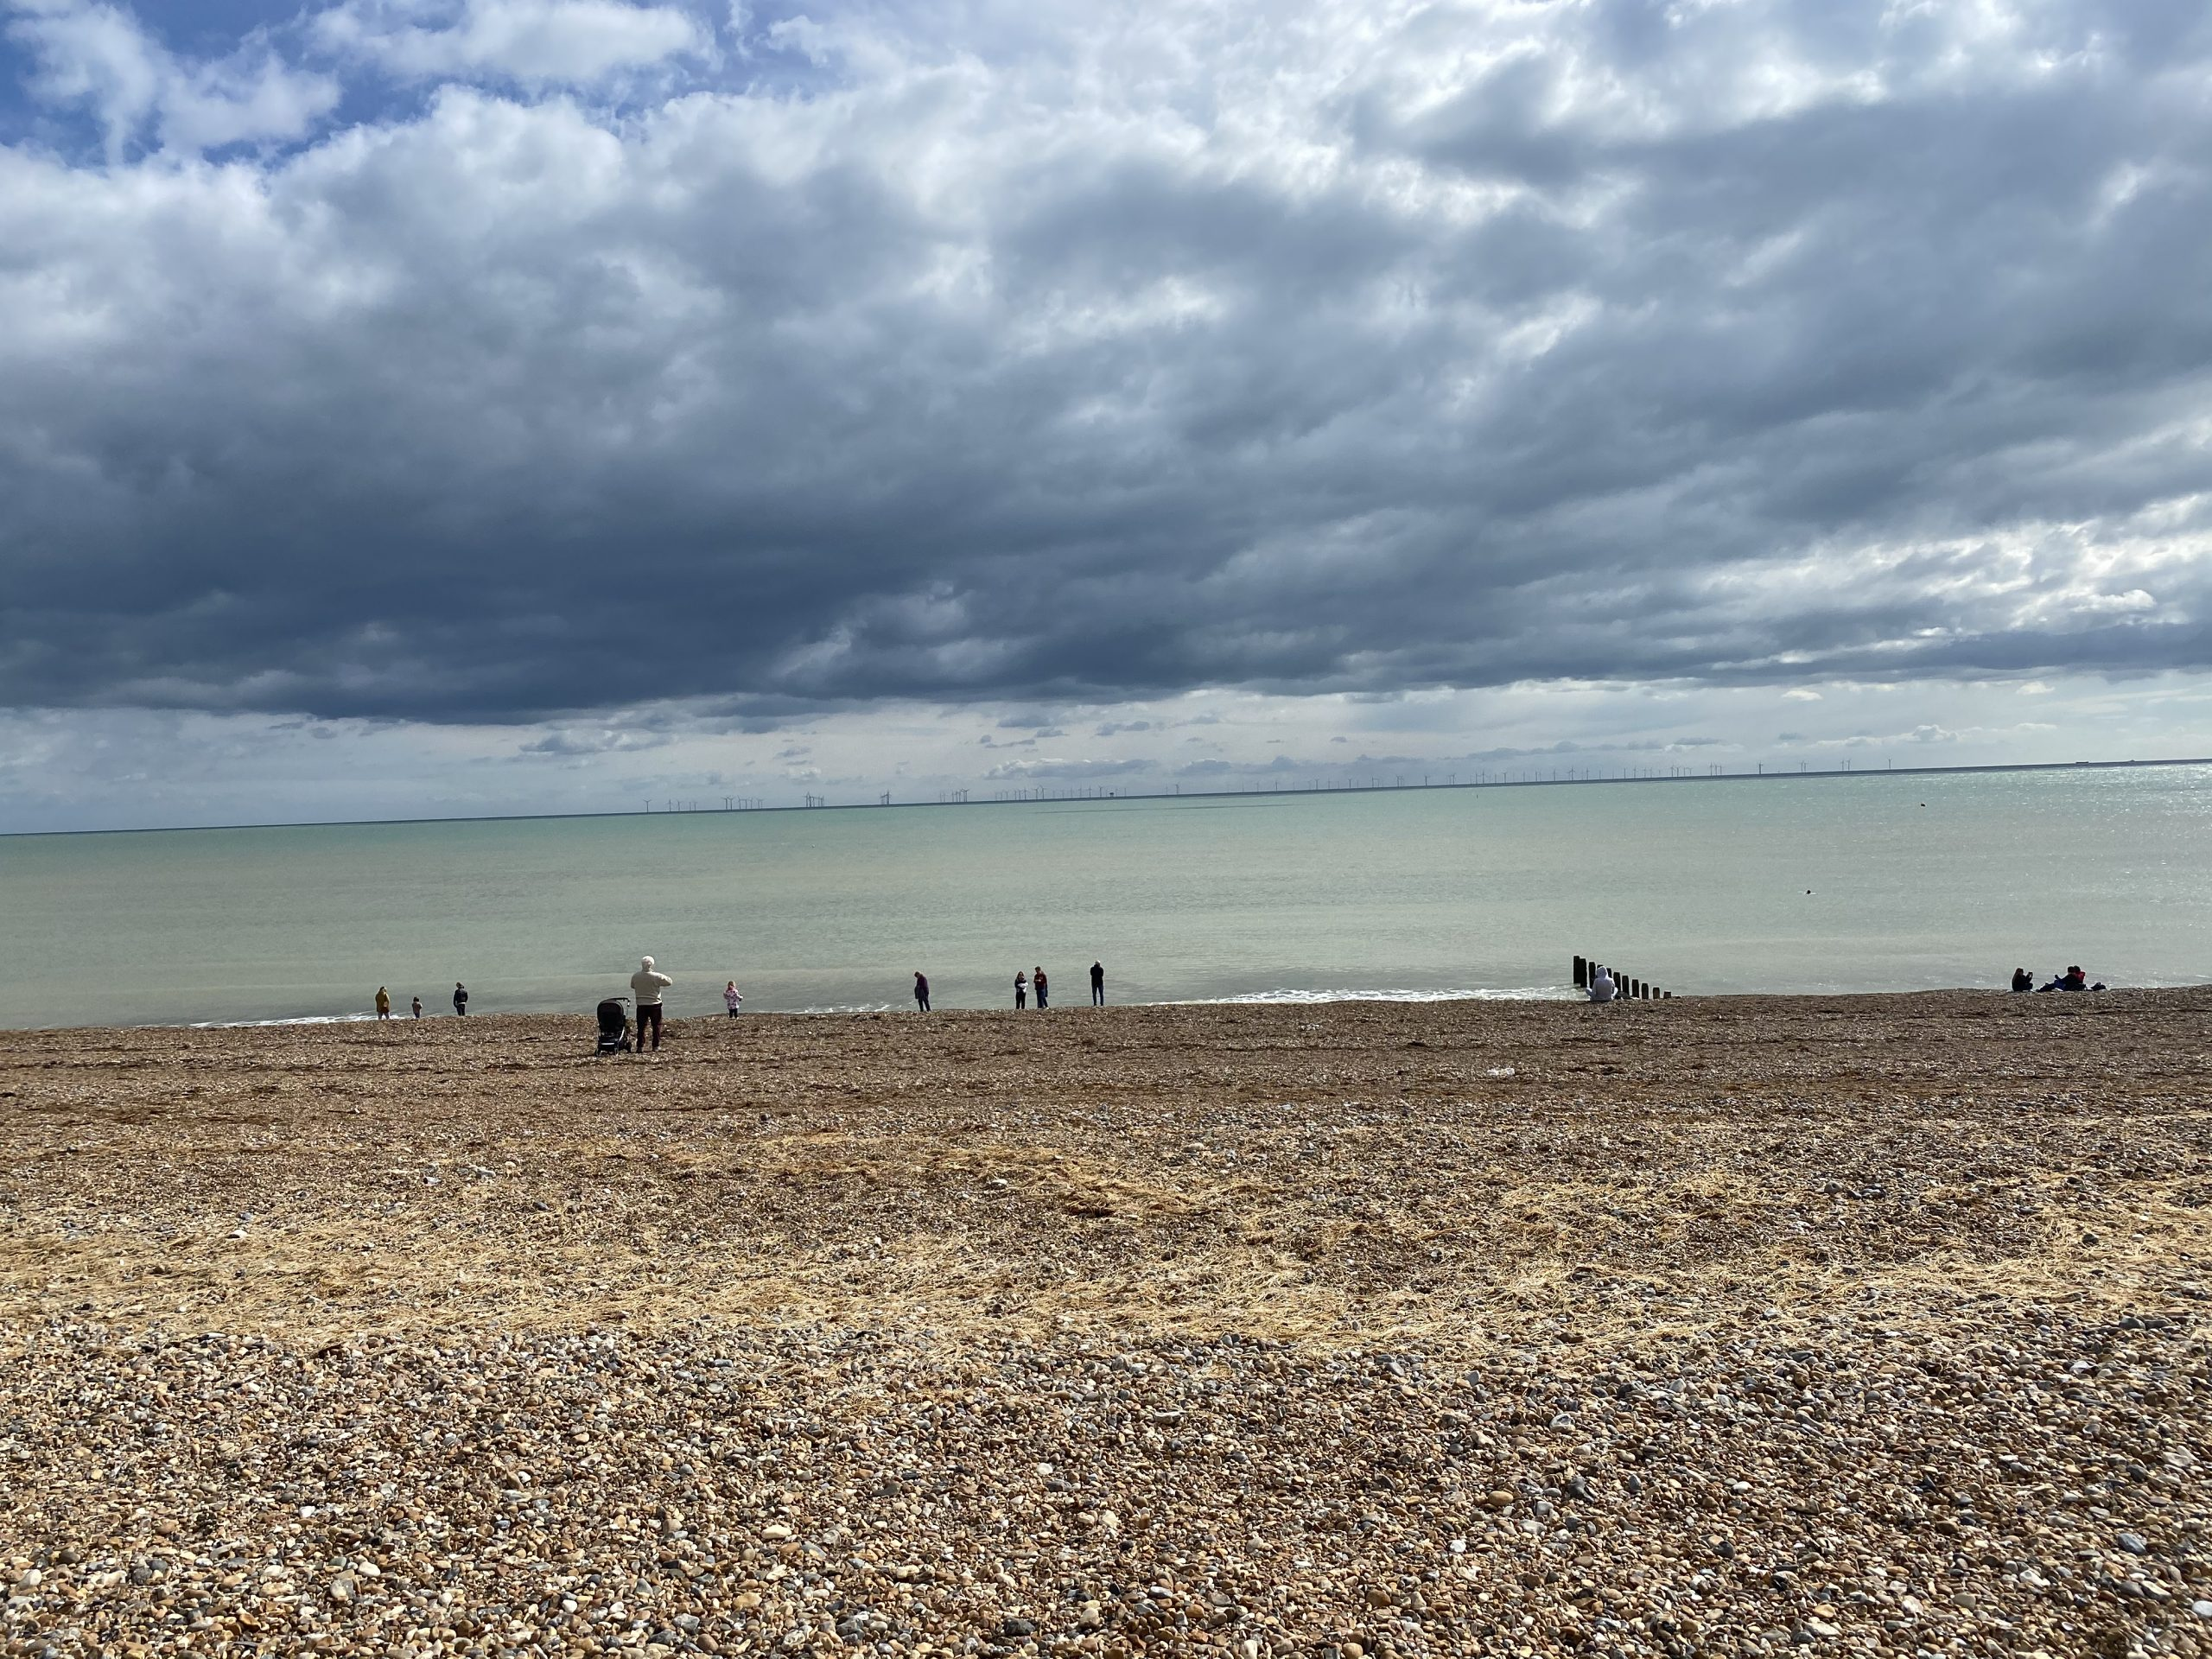 A stormy shoreham beach